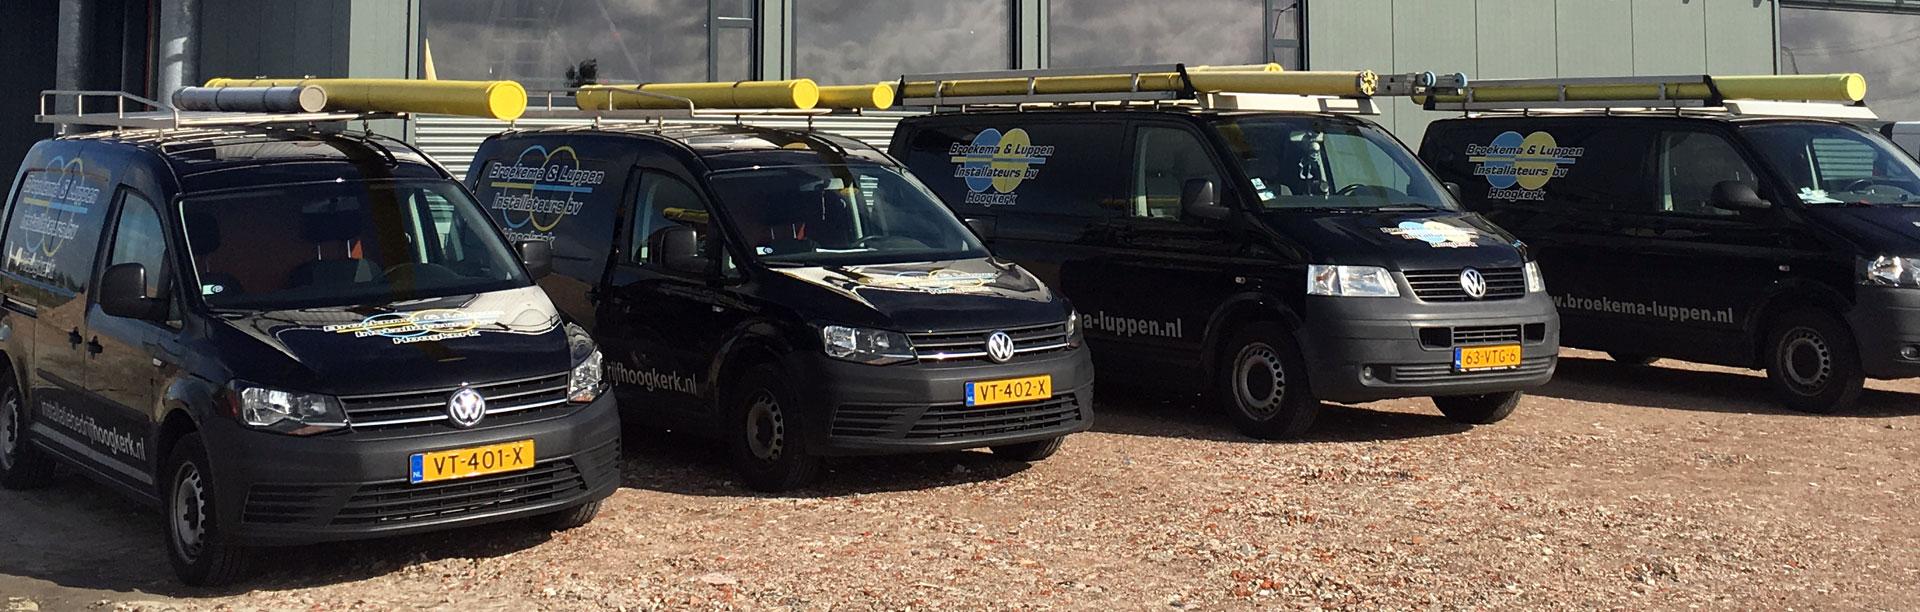 installatiebedrijf Groningen, Broekema & Luppen